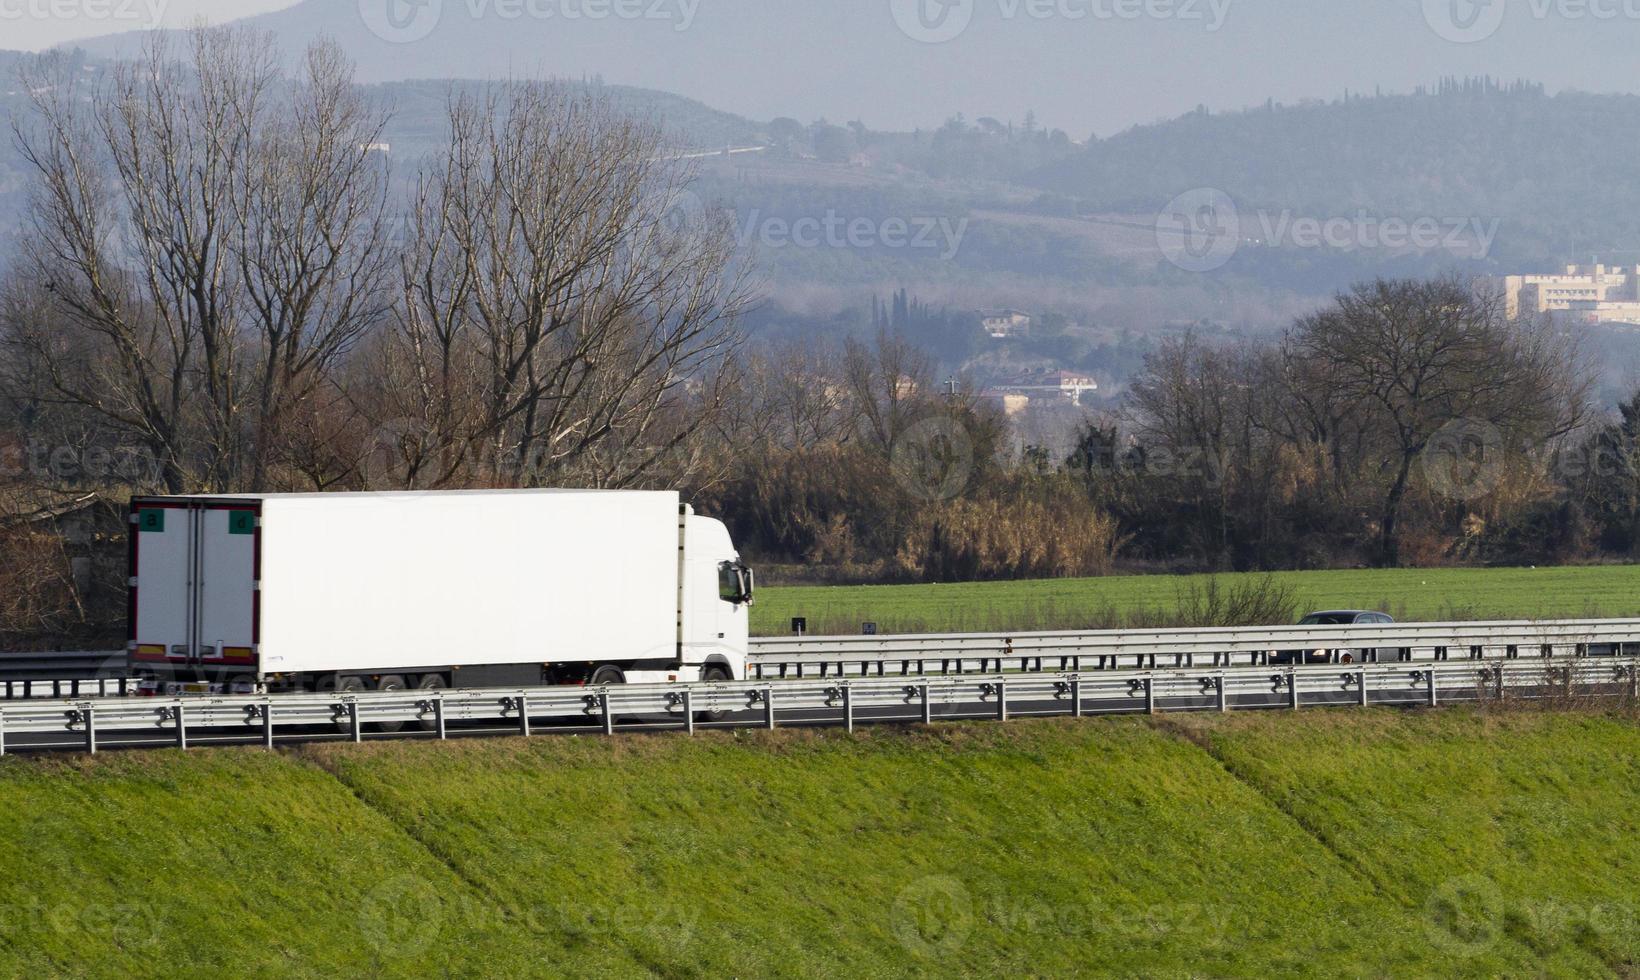 camion bianco sull'autostrada foto